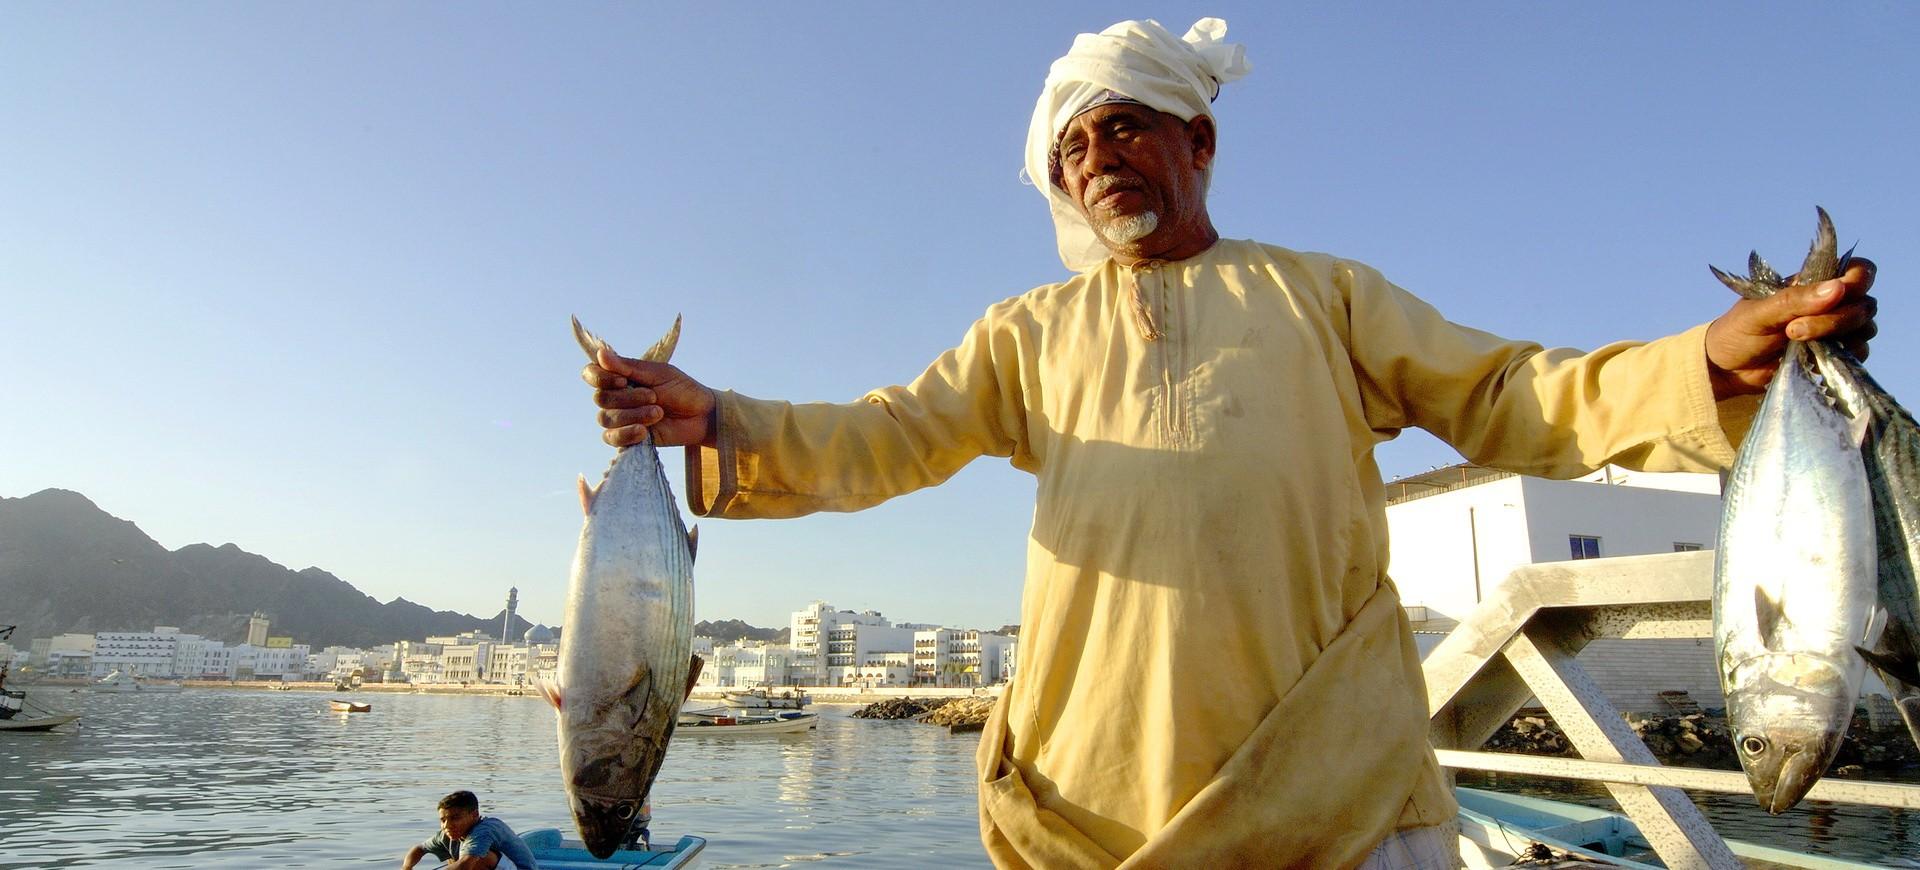 Oman Mascate Marché de poissons sur la corniche